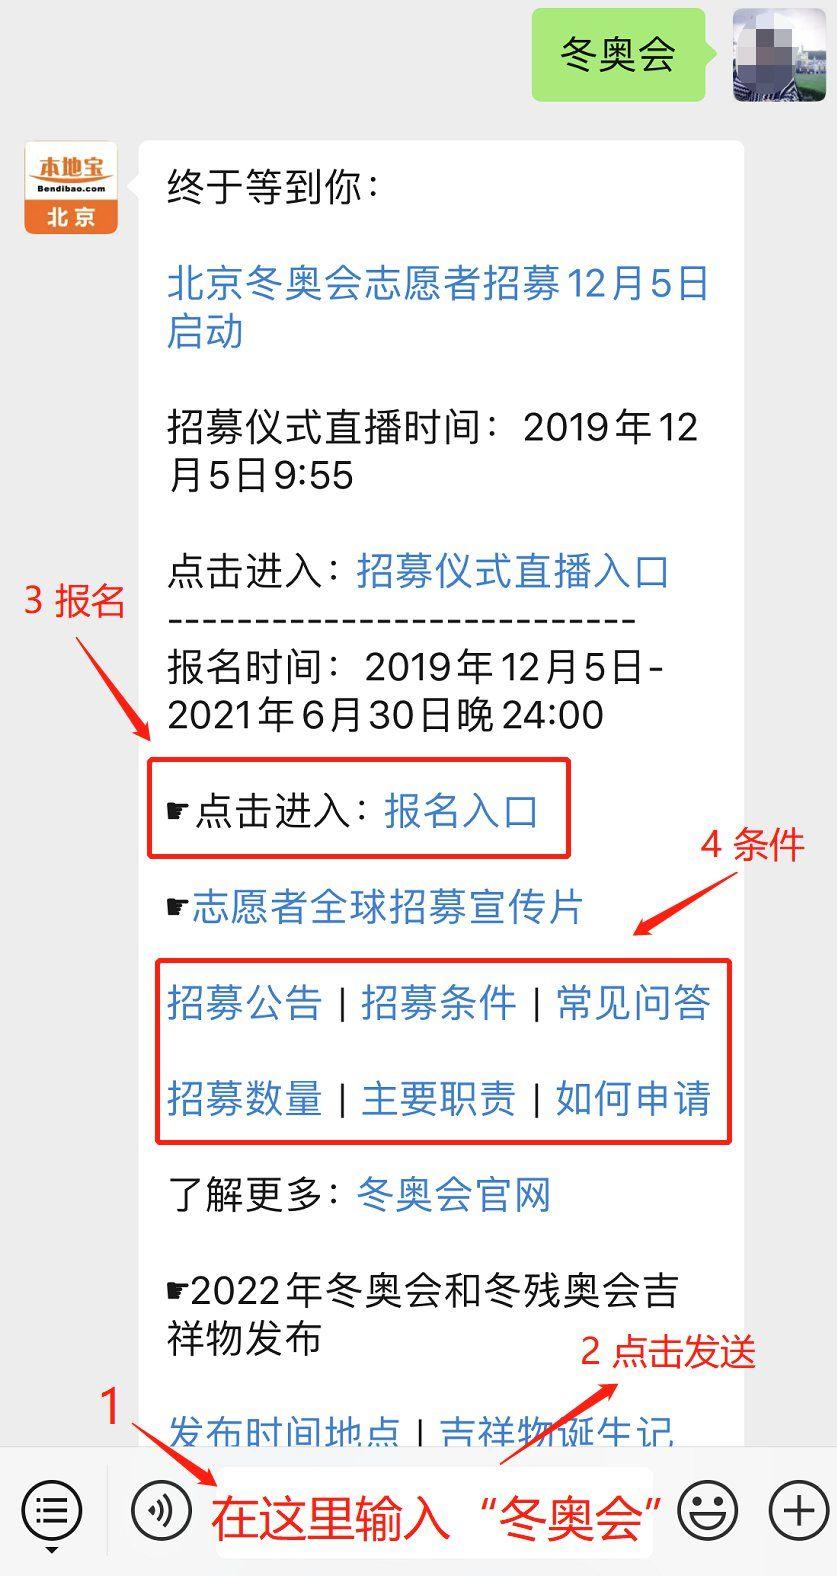 2022北京冬奥会志愿者有钱吗?